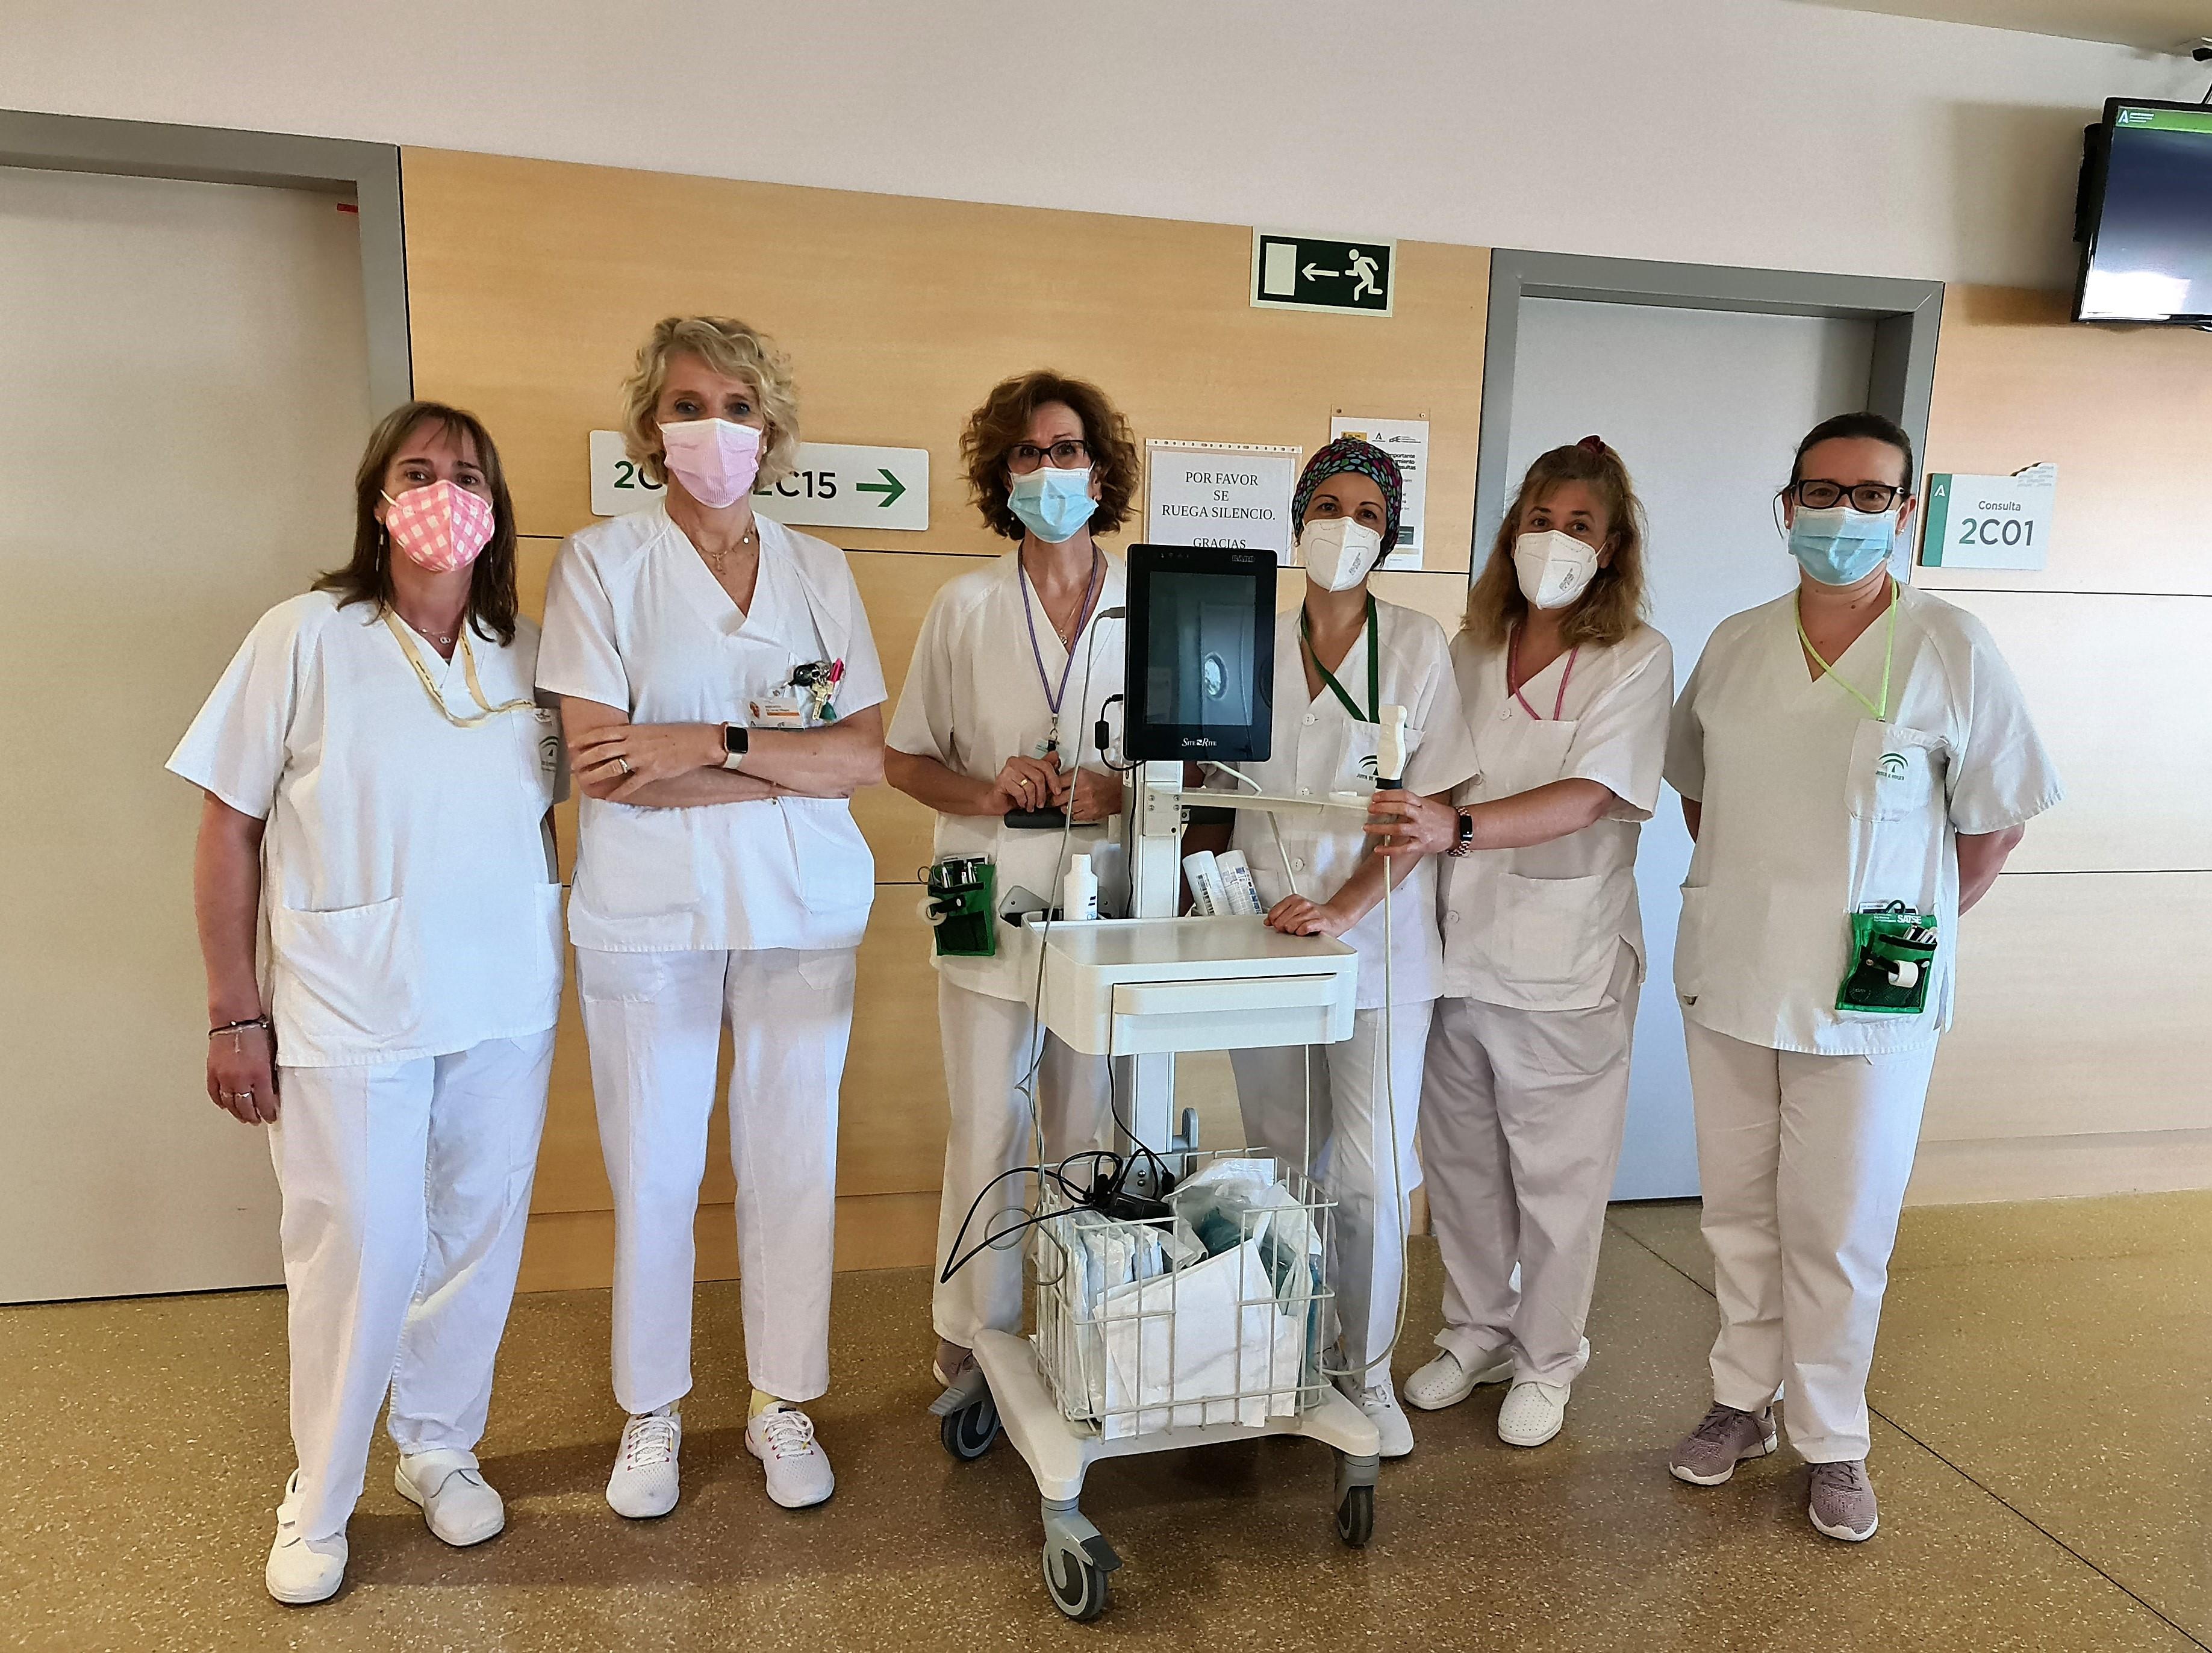 La Unidad de Terapia Intravenosa del Clínico atiende a más de 650 pacientes facilitándole la administración de tratamientos